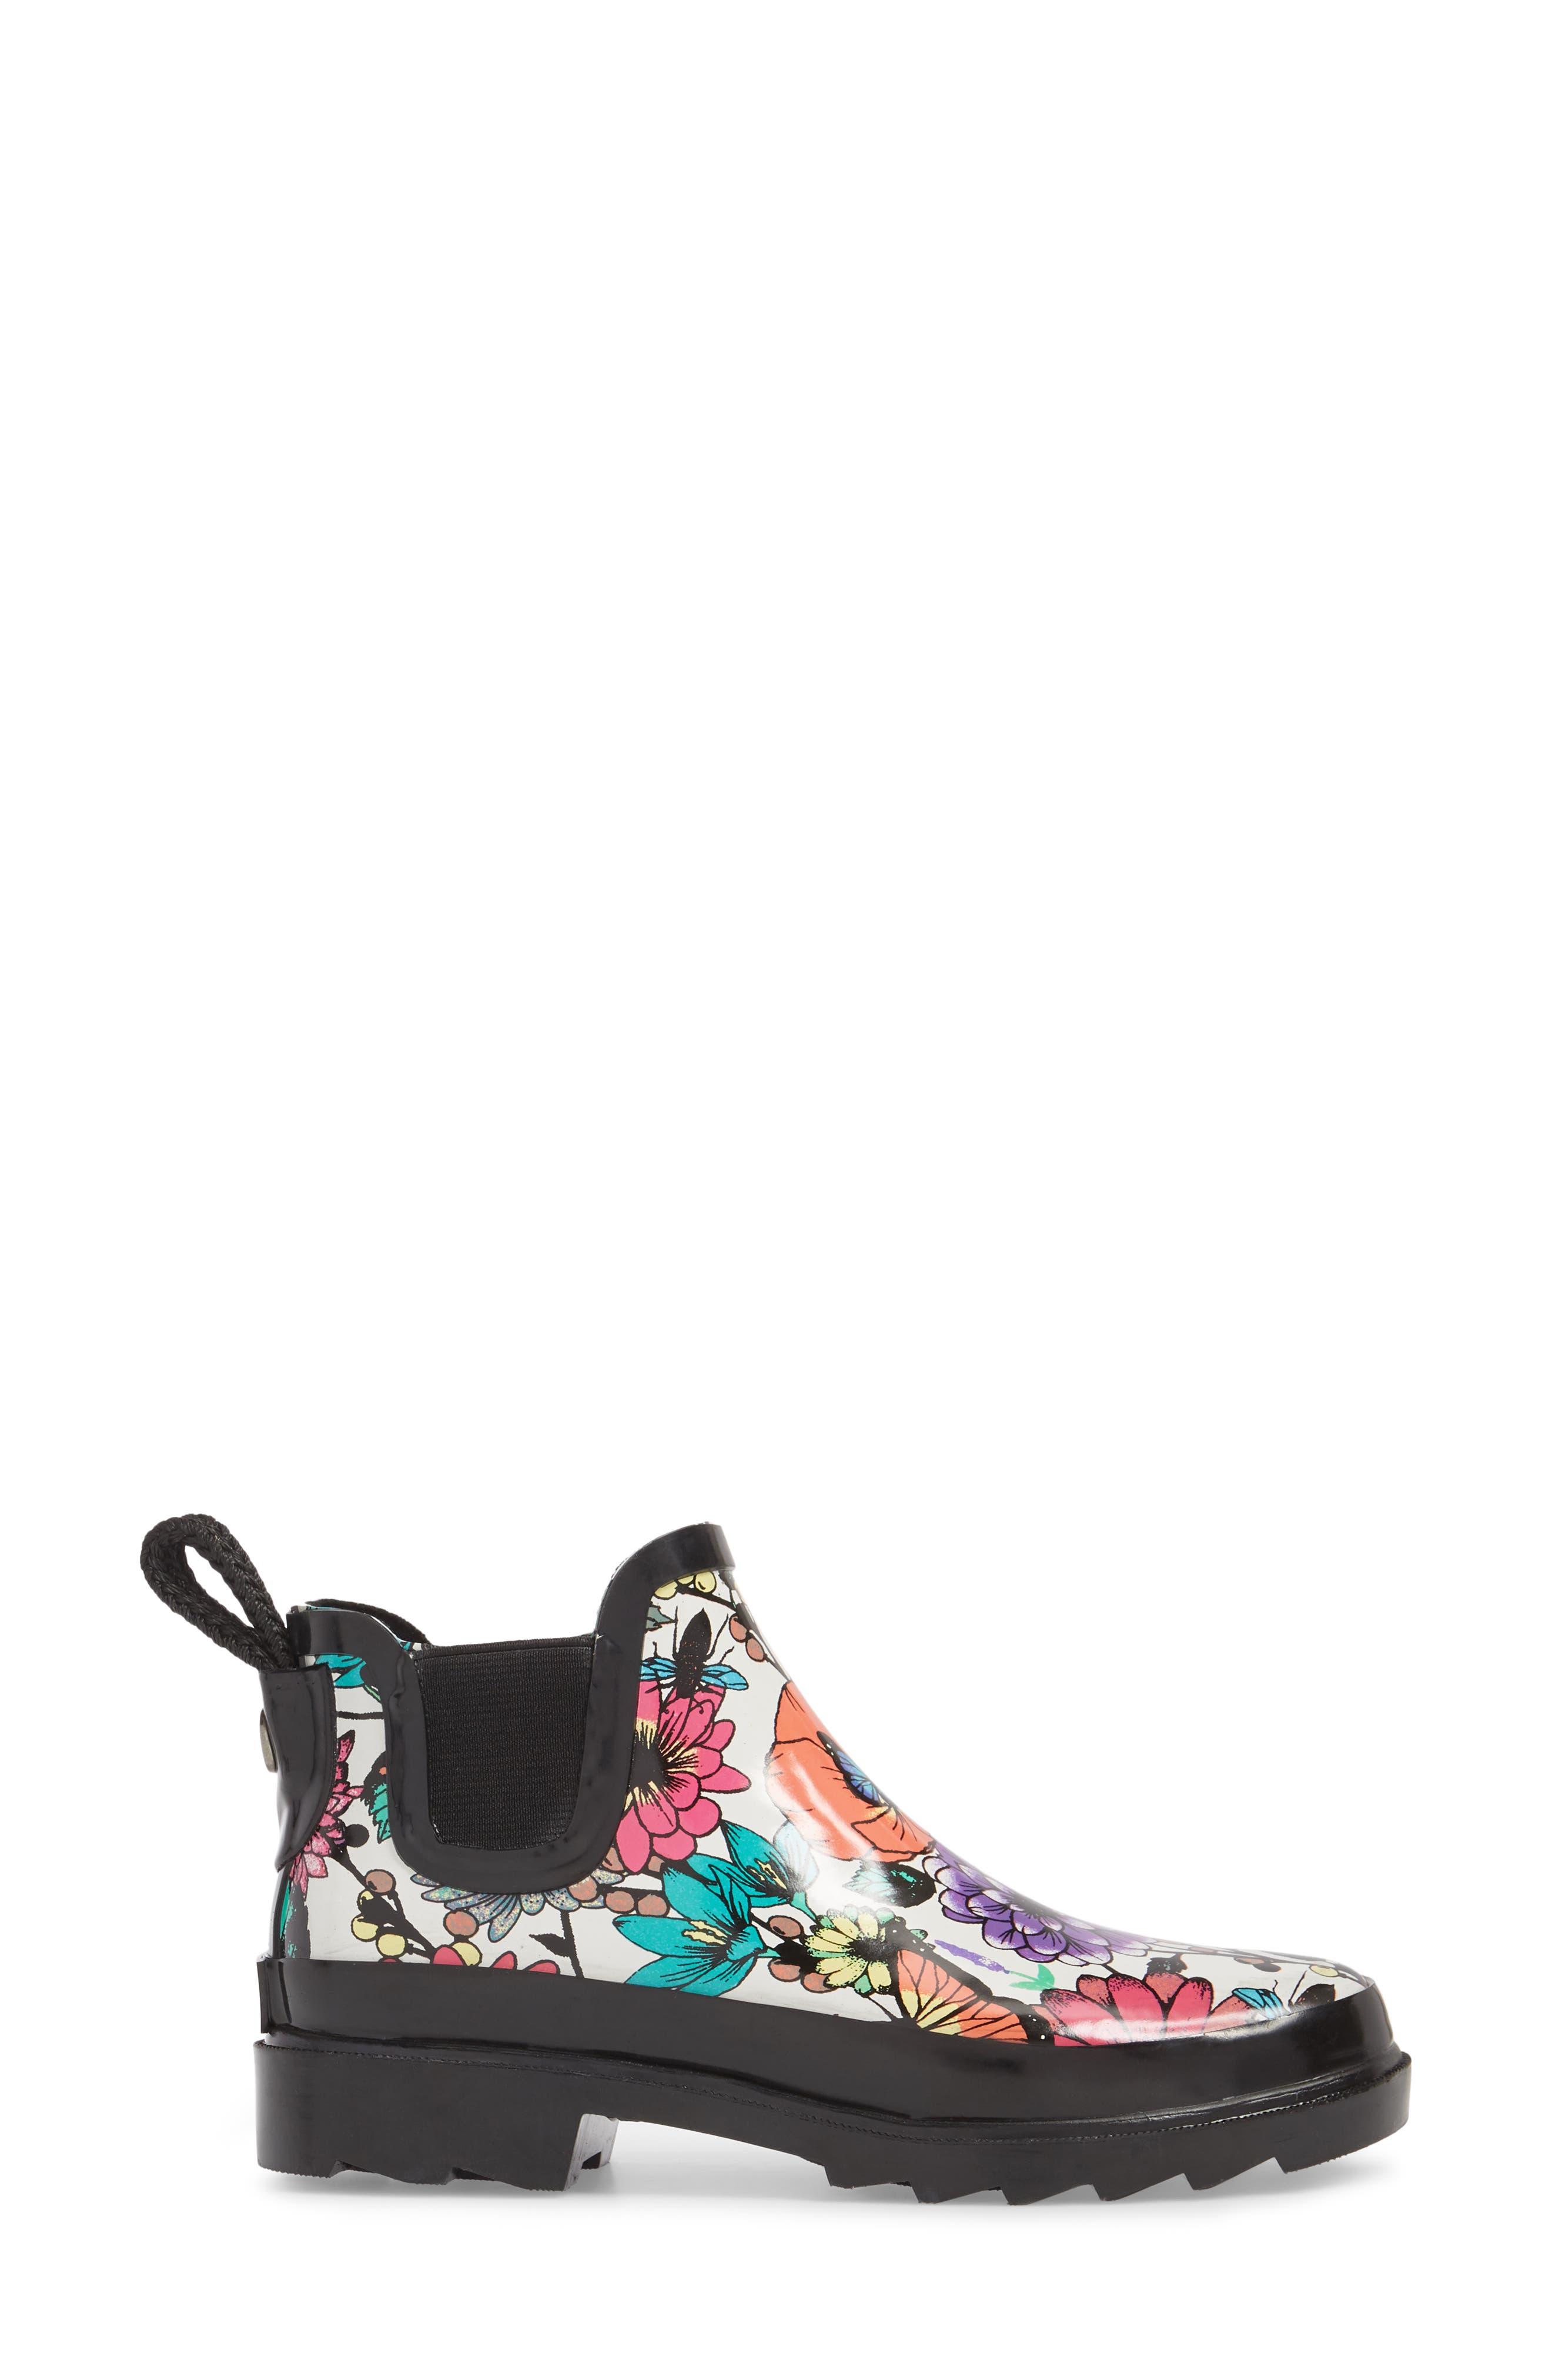 'Rhyme' Waterproof Rain Boot,                             Alternate thumbnail 3, color,                             Optic In Bloom